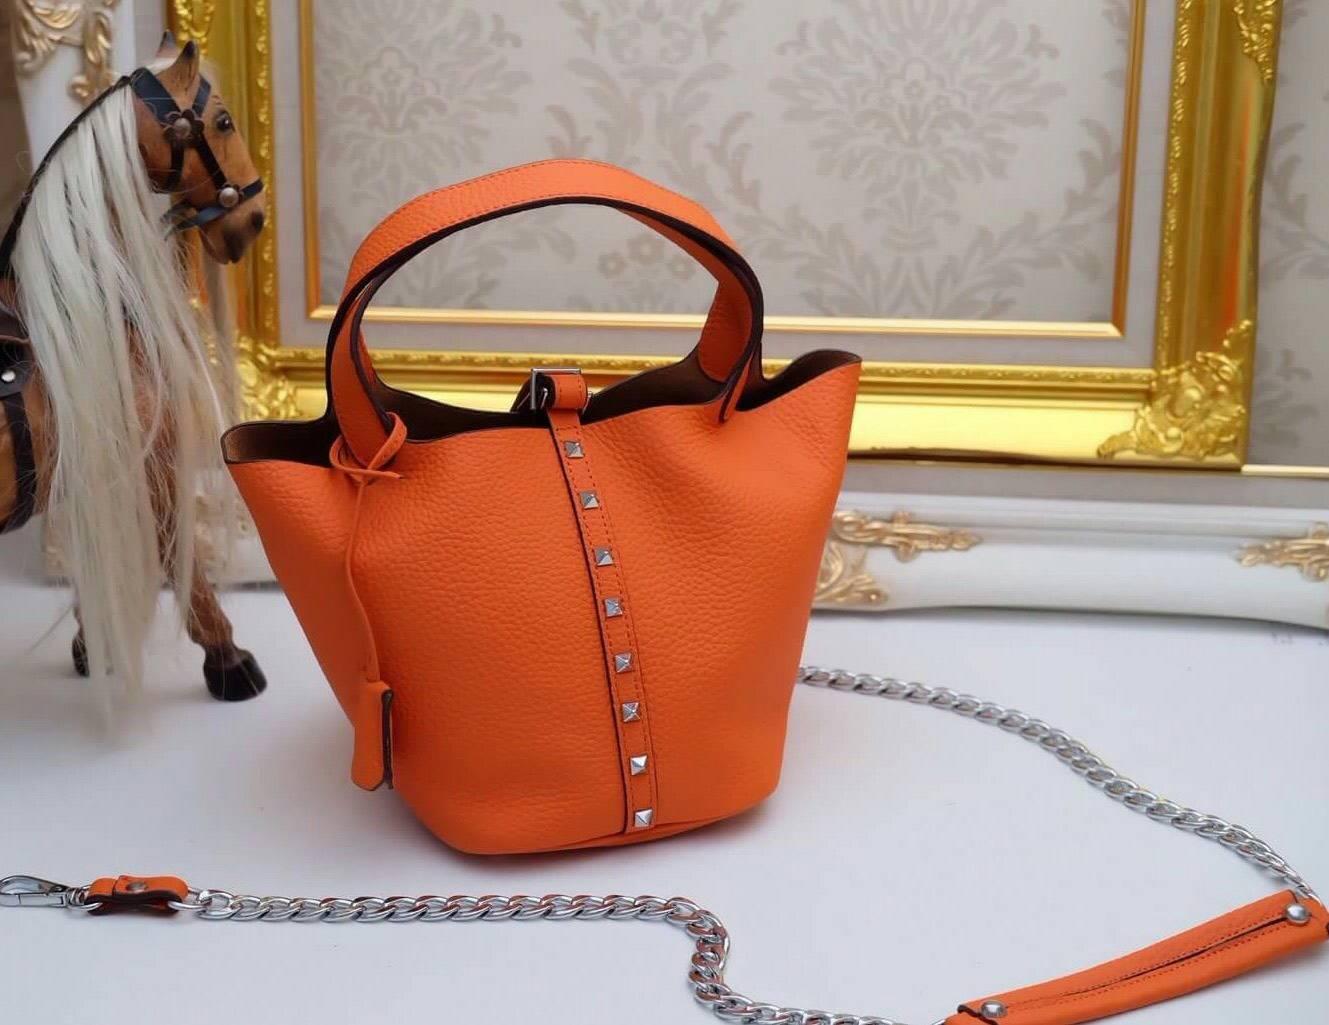 รุ่นใหม่ล่าสุดหมุดด้านข้างsizeเล็ก. ขนาดน่ารักเลย กระเป๋า แบบยี่ห้อ HERMES no logoงาน Hi 1:1 หนังแท้ 100% real leatherที่สุดแห่งกระเป๋า